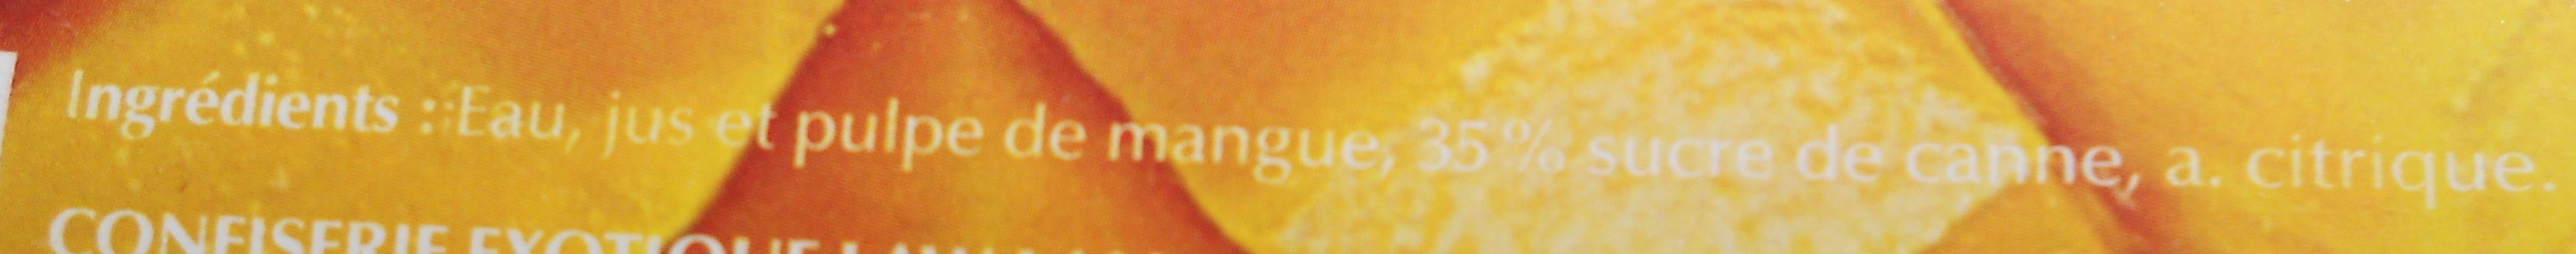 Nectar de Mangue José - Ingrediënten